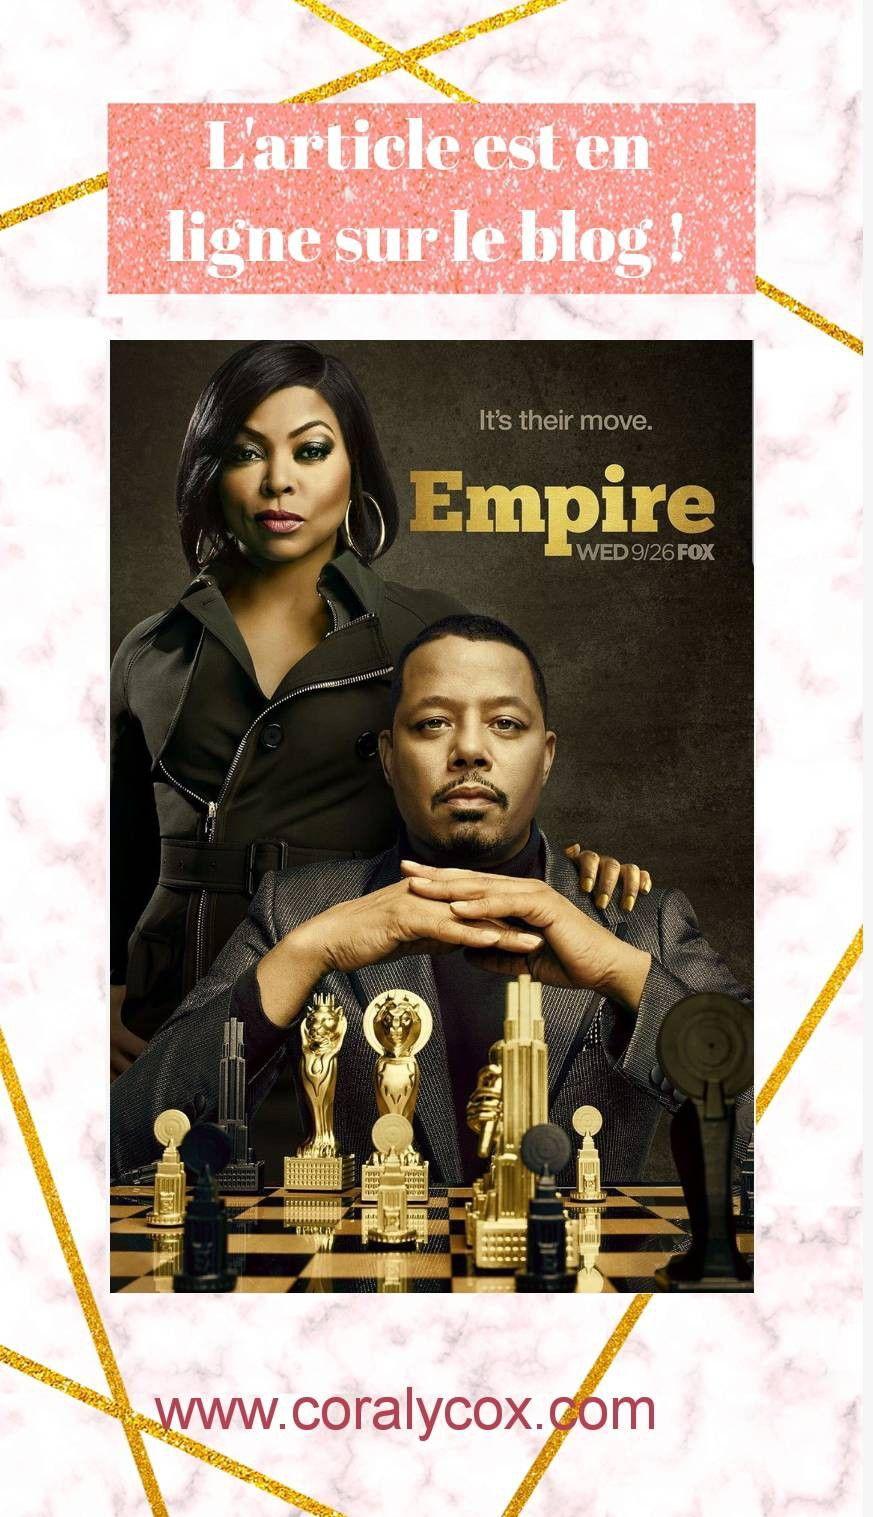 Si vous hésitez à regarder cette série ou cherchez des idées de séries tv venez jeter un œil sur ...